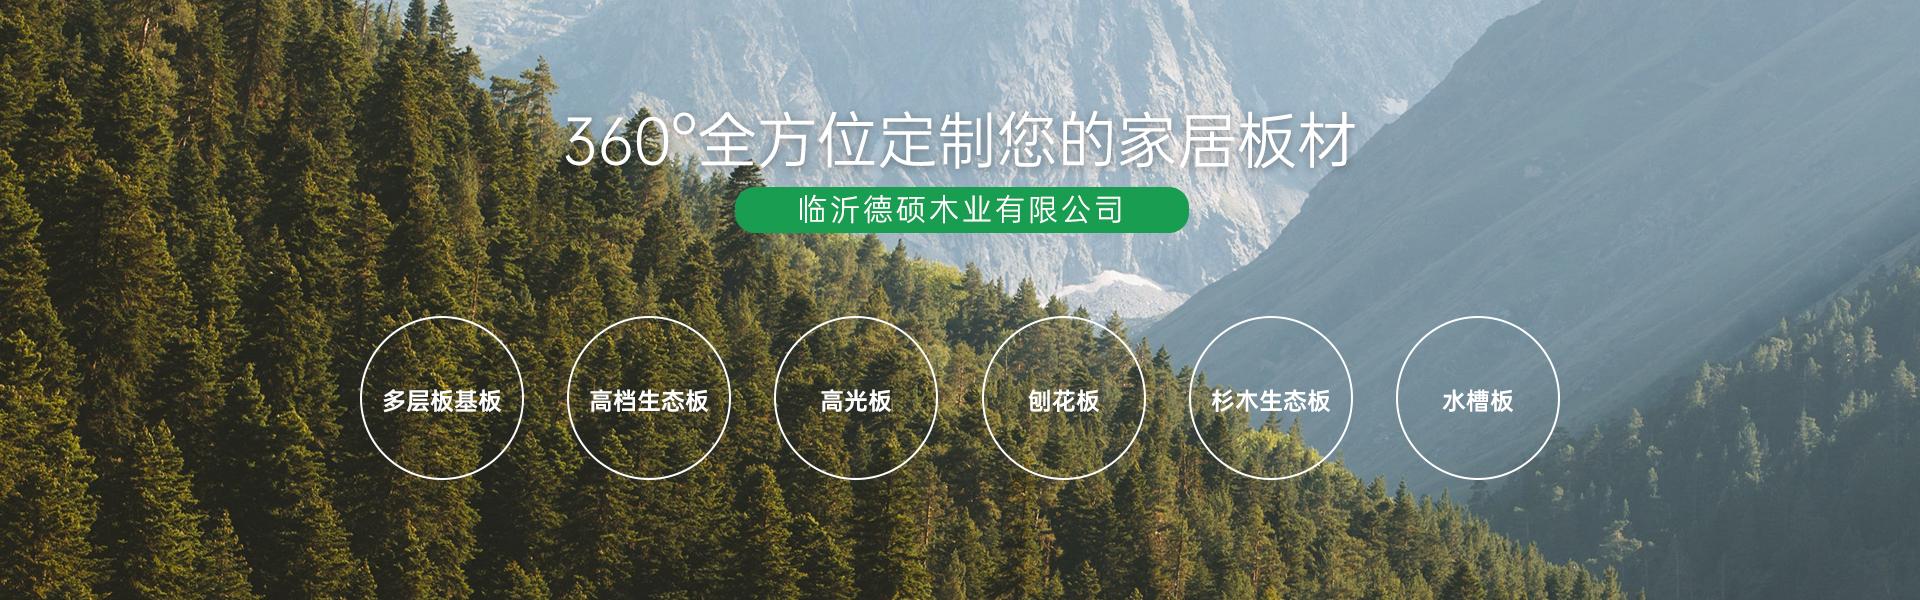 多层板生态板,山东马六甲生态板,桐木生态板厂家